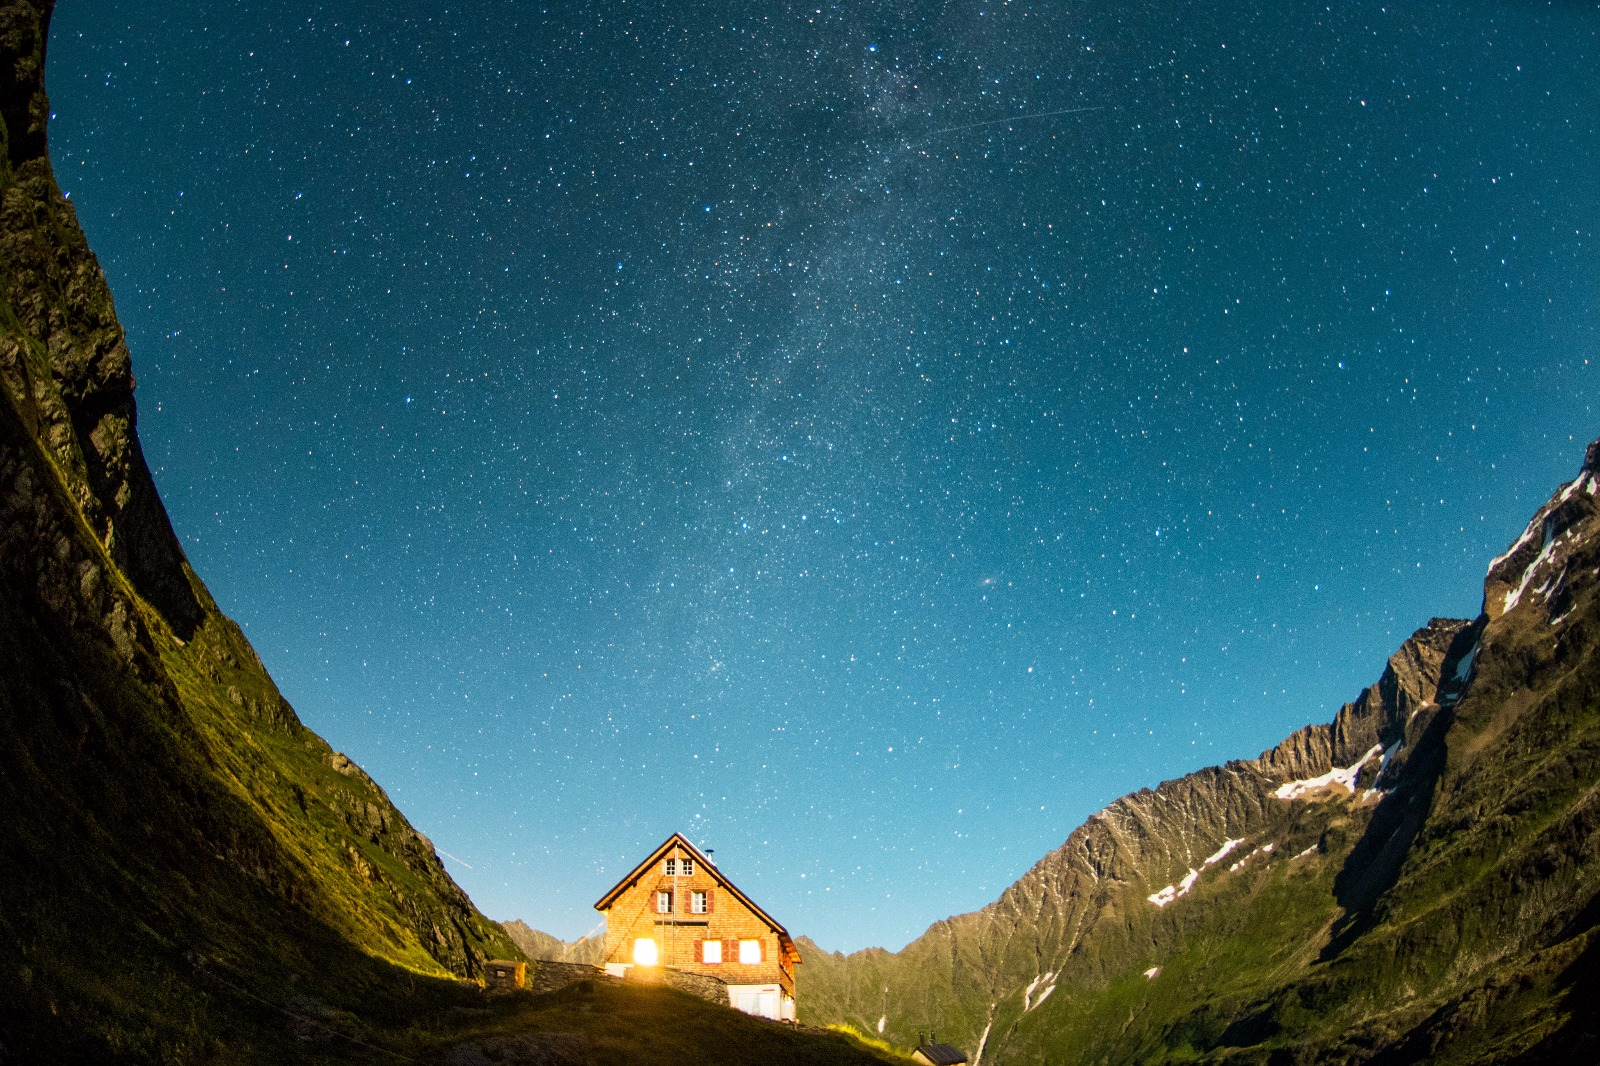 ... 32: Sternschnuppen-Nacht